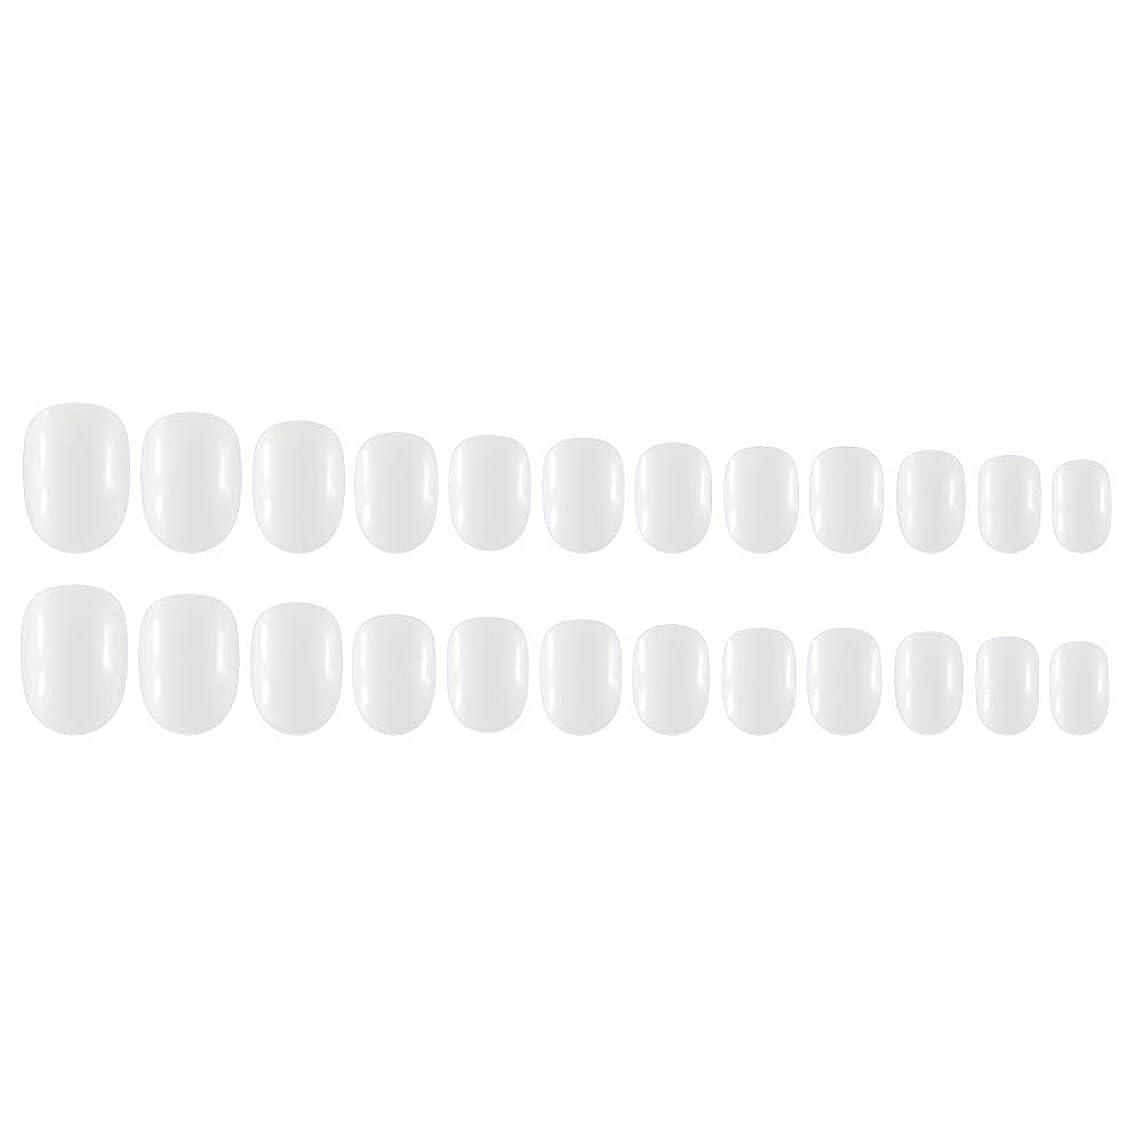 眠りカーペットヒロインDecdeal Decdeal ネイルチップ 24ピース 12異なるサイズ diy サロン ネイルアートツール 偽